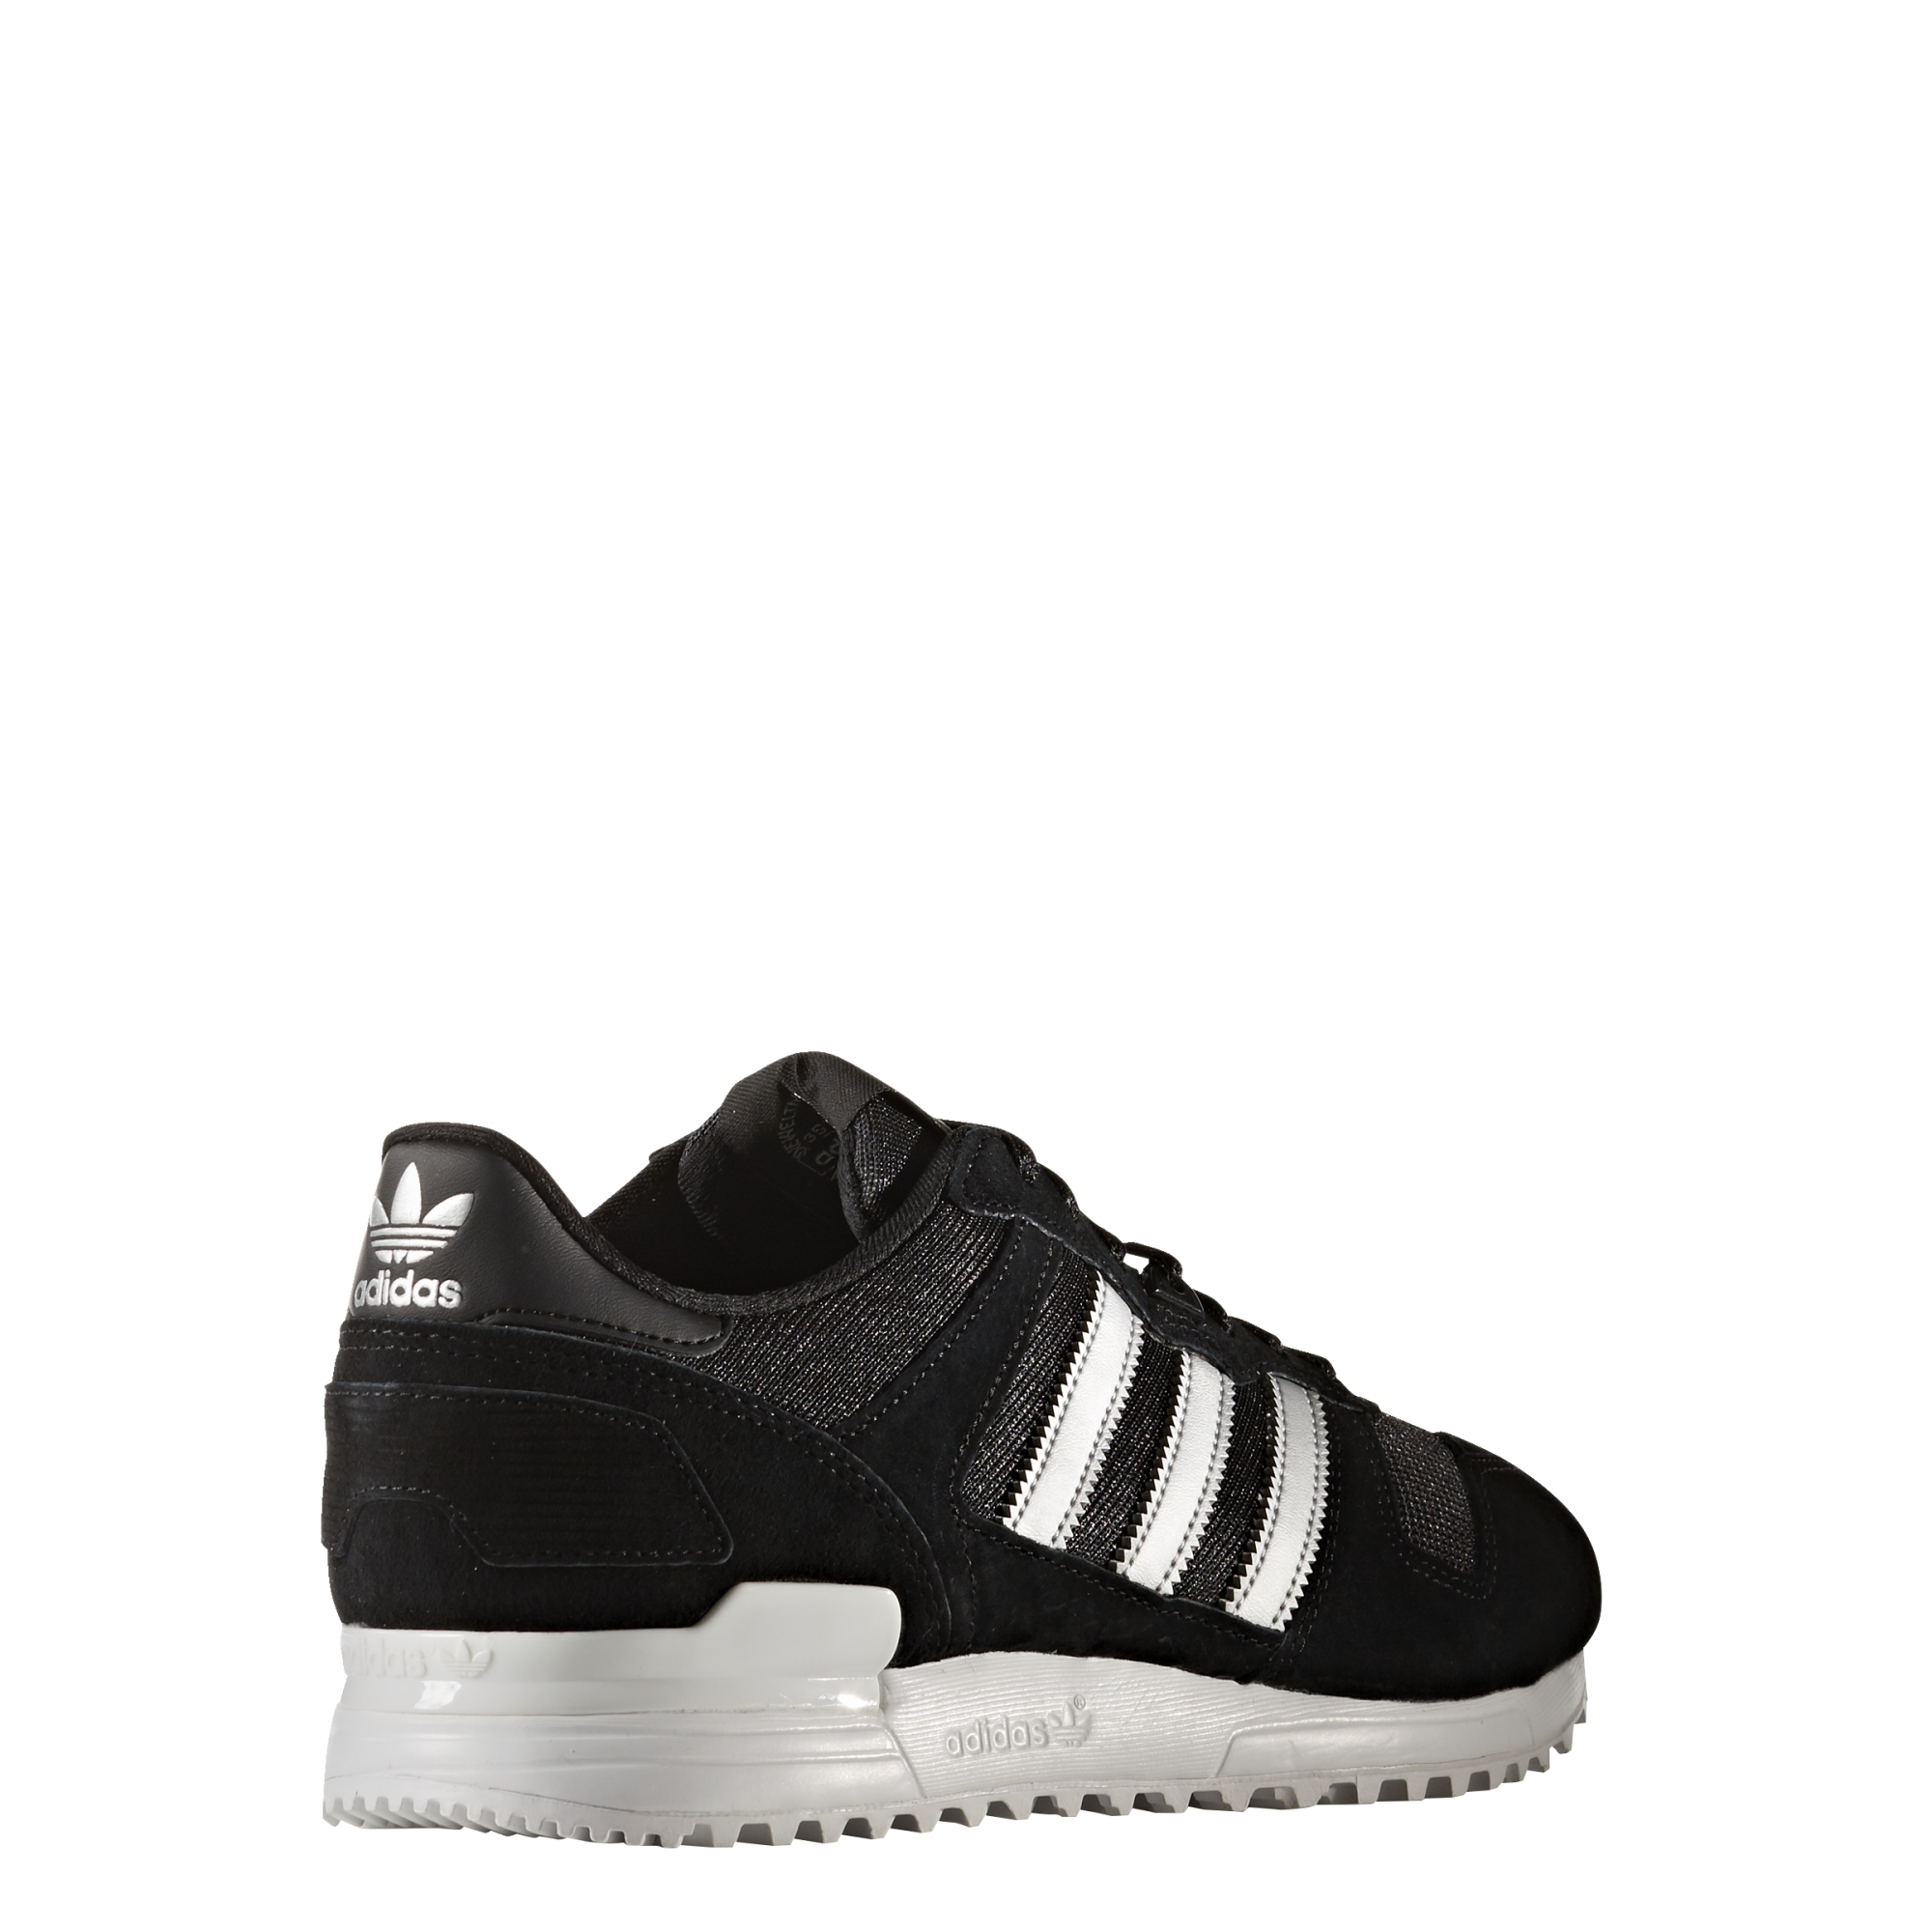 adidas zx 700 bb1216 buty damskie